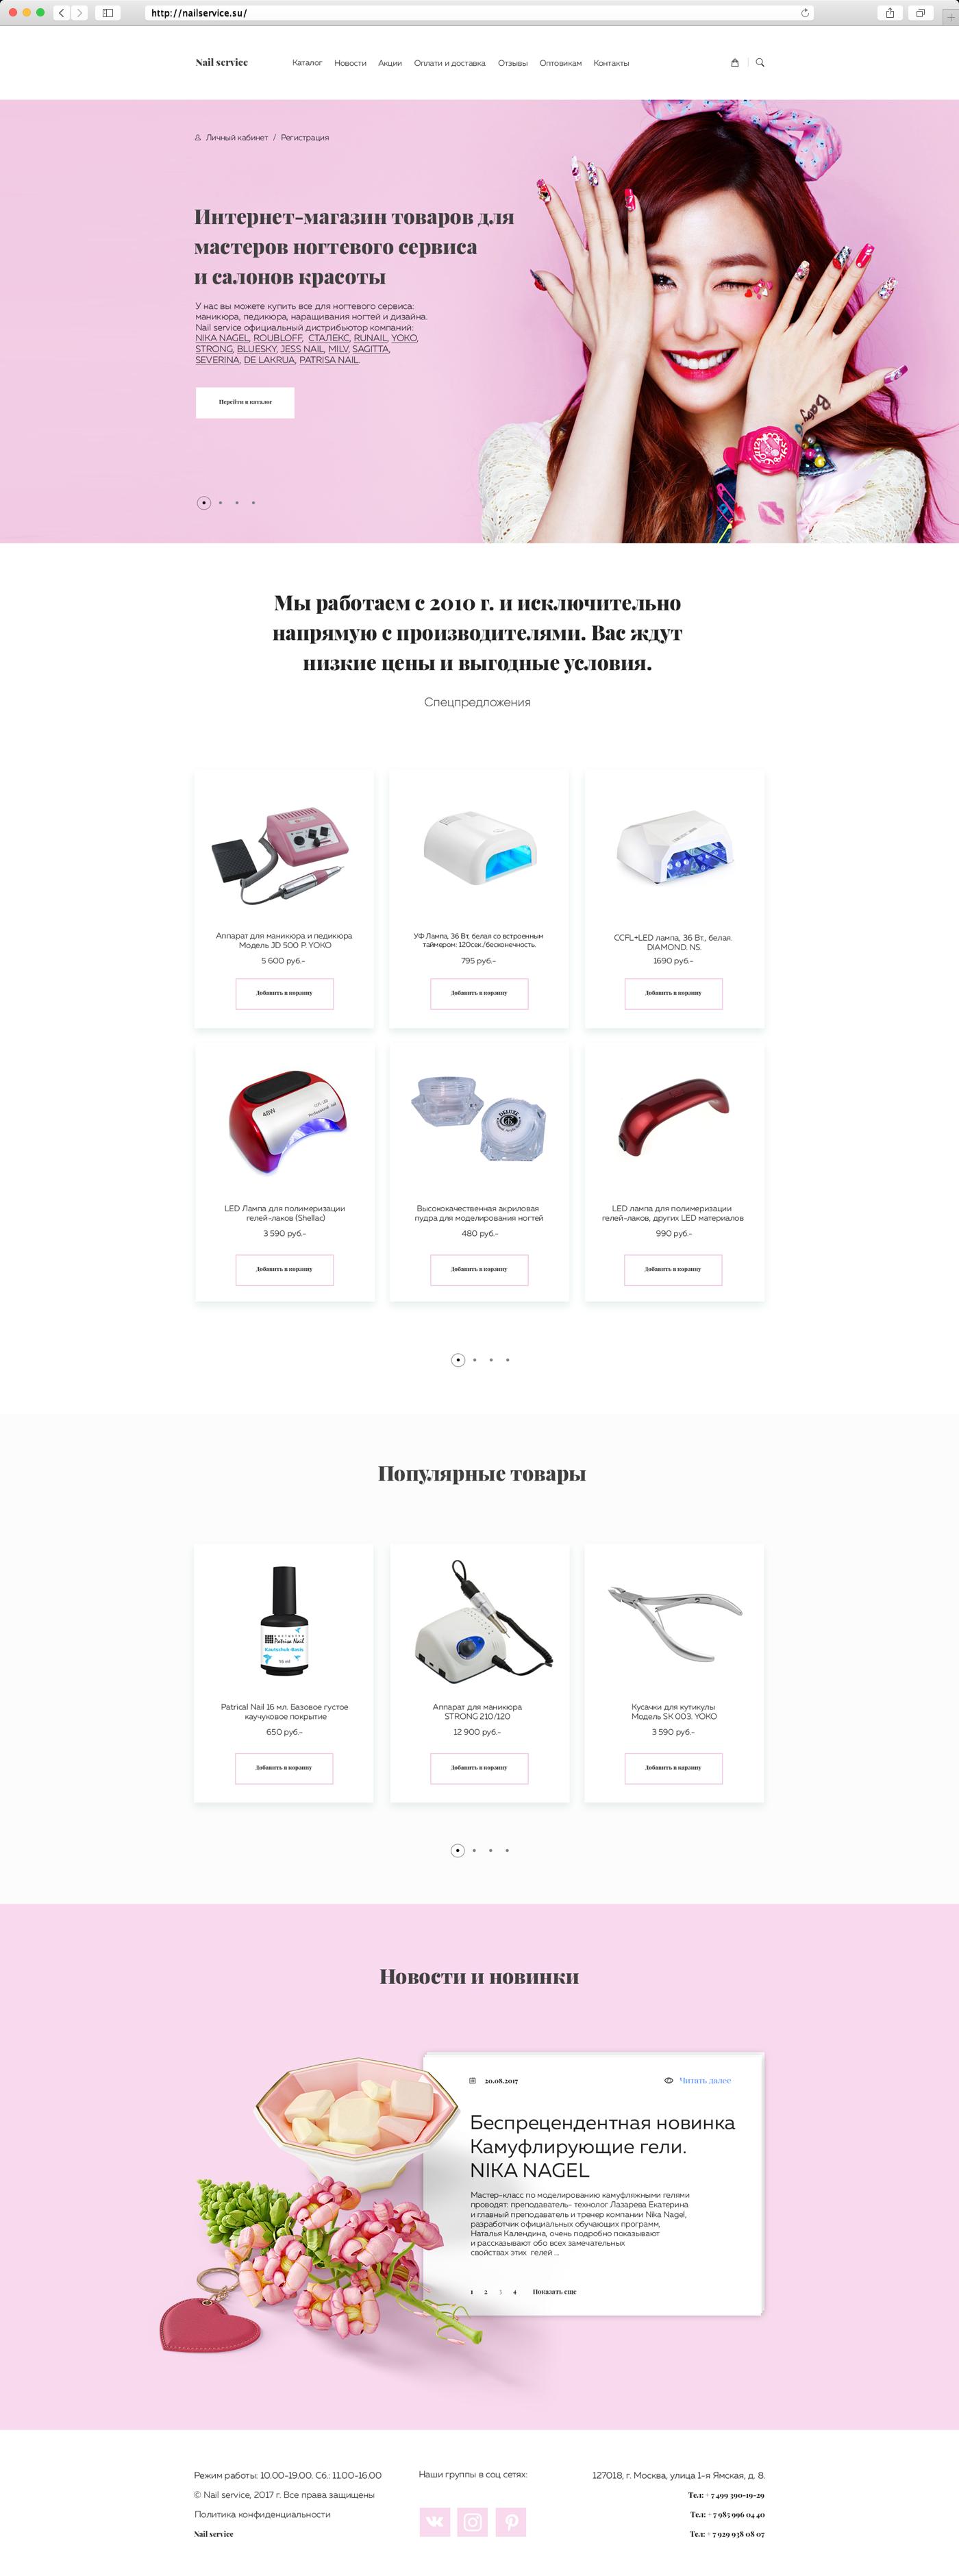 Разработка дизайна главной страницы сайта интернет-магазина фото f_515594e6e1d0dee3.png